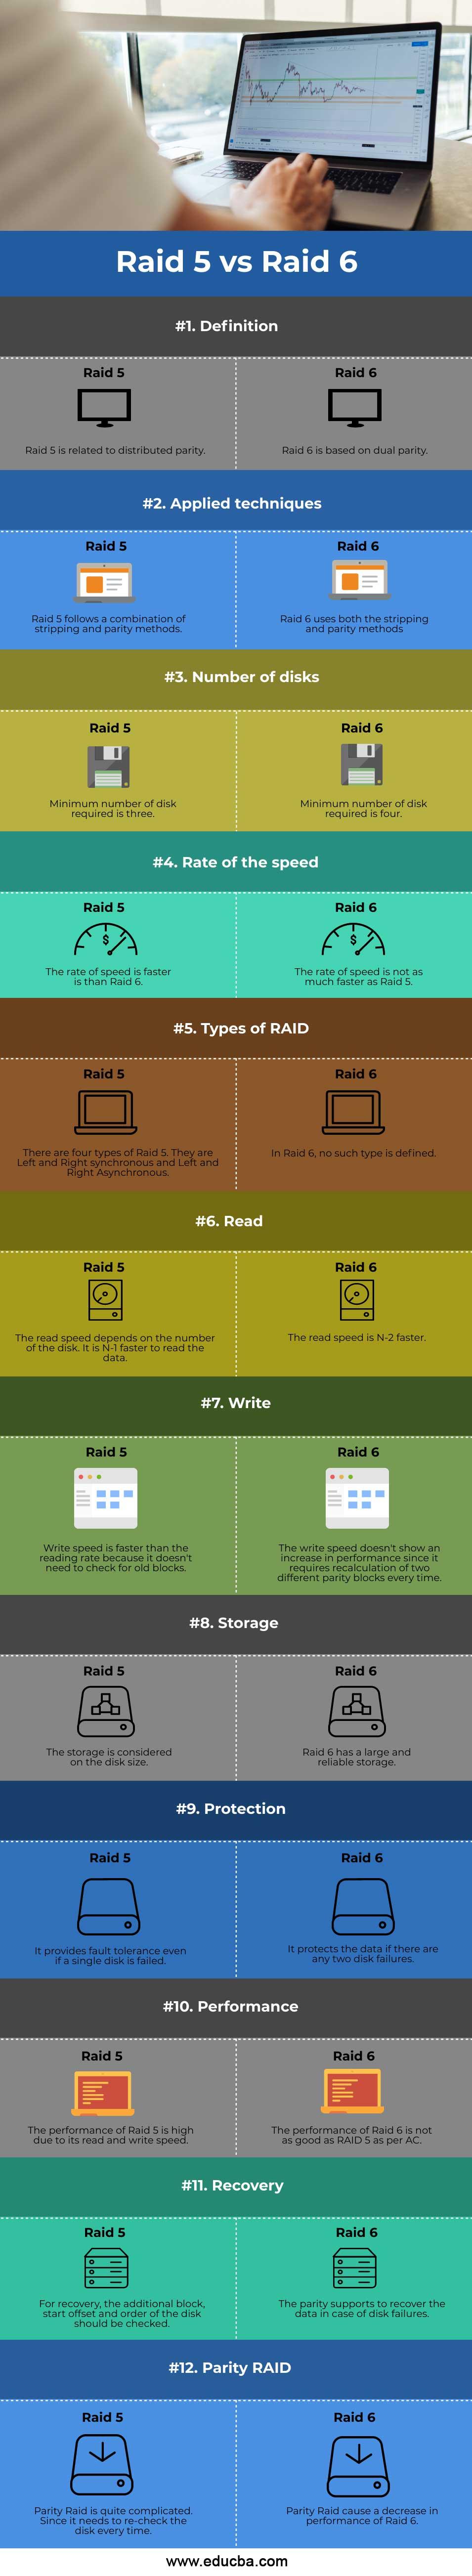 Raid-5-vs-Raid-6-info